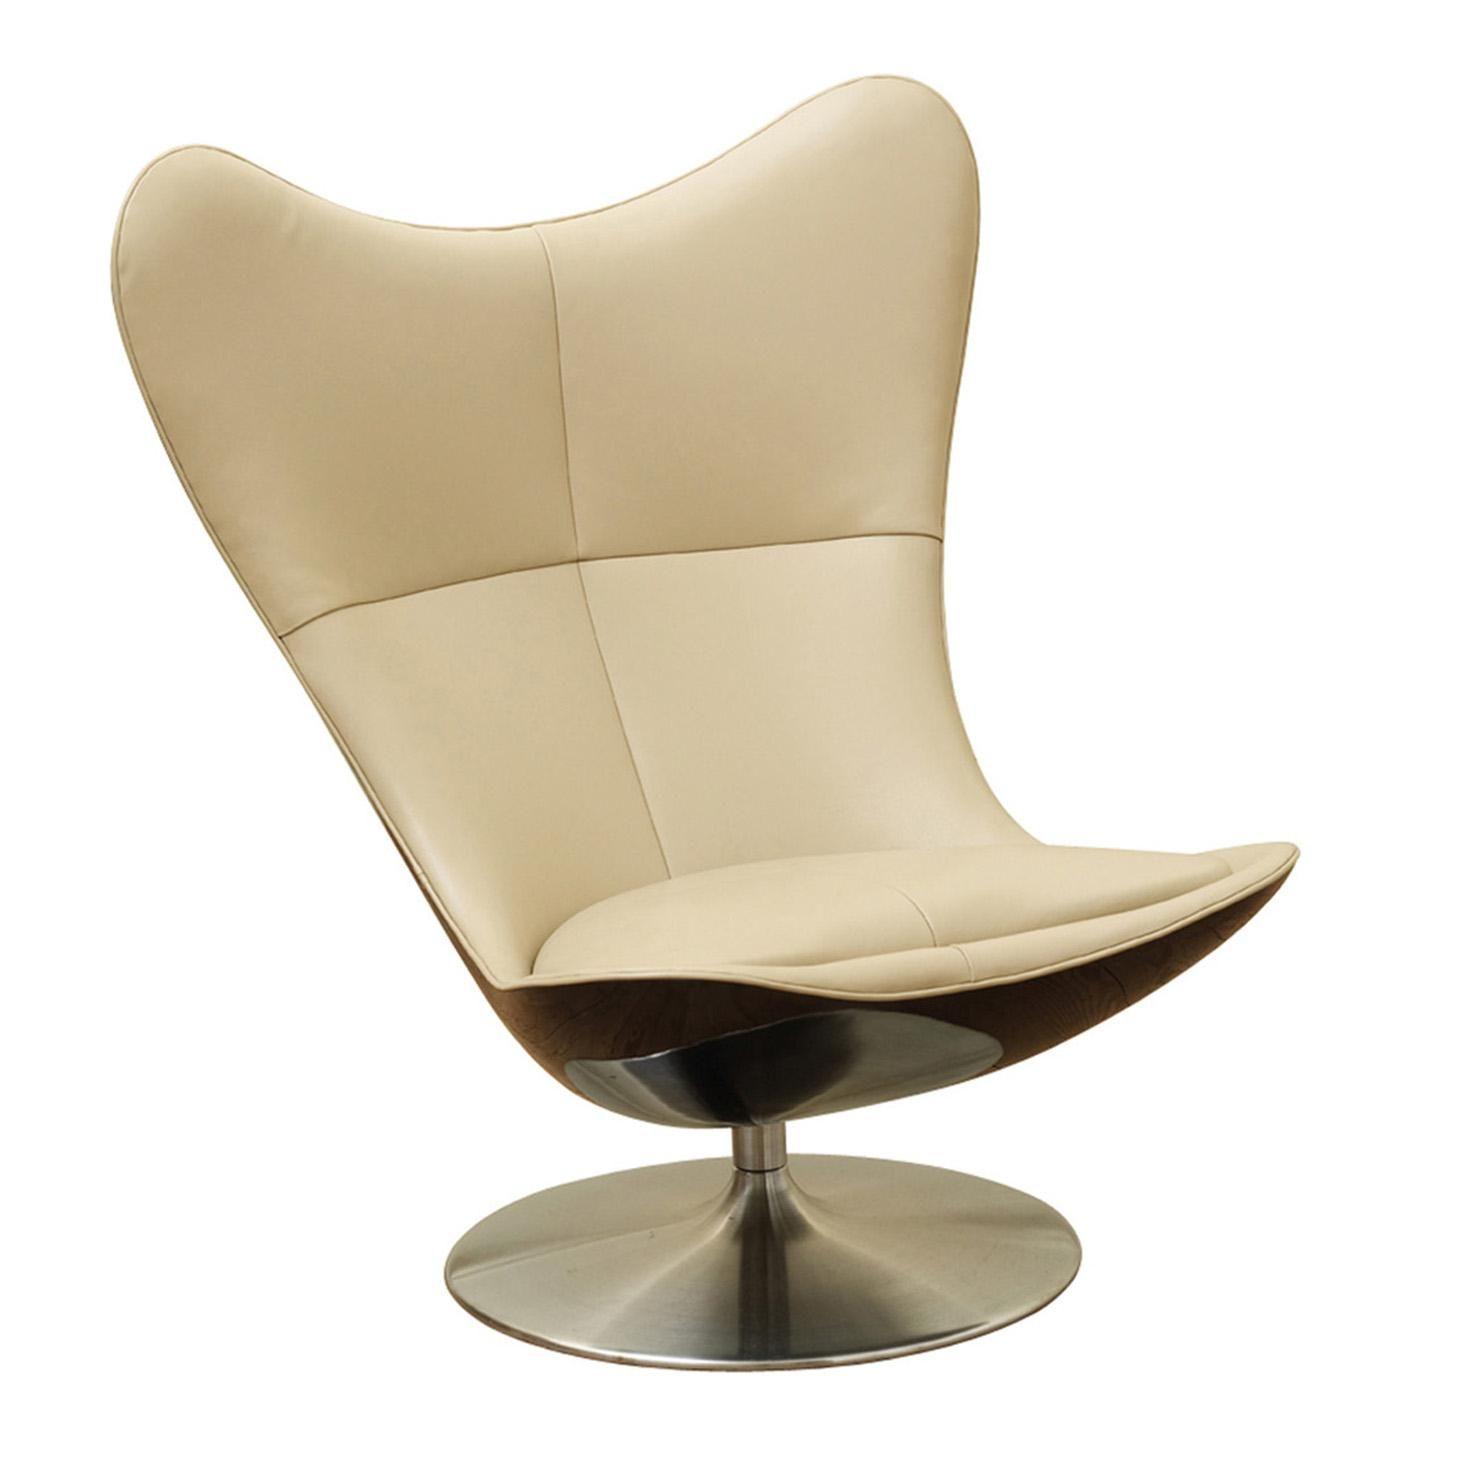 Peachy Glove Tilt Swivel Chair Cream Leather Achica Chairs Creativecarmelina Interior Chair Design Creativecarmelinacom